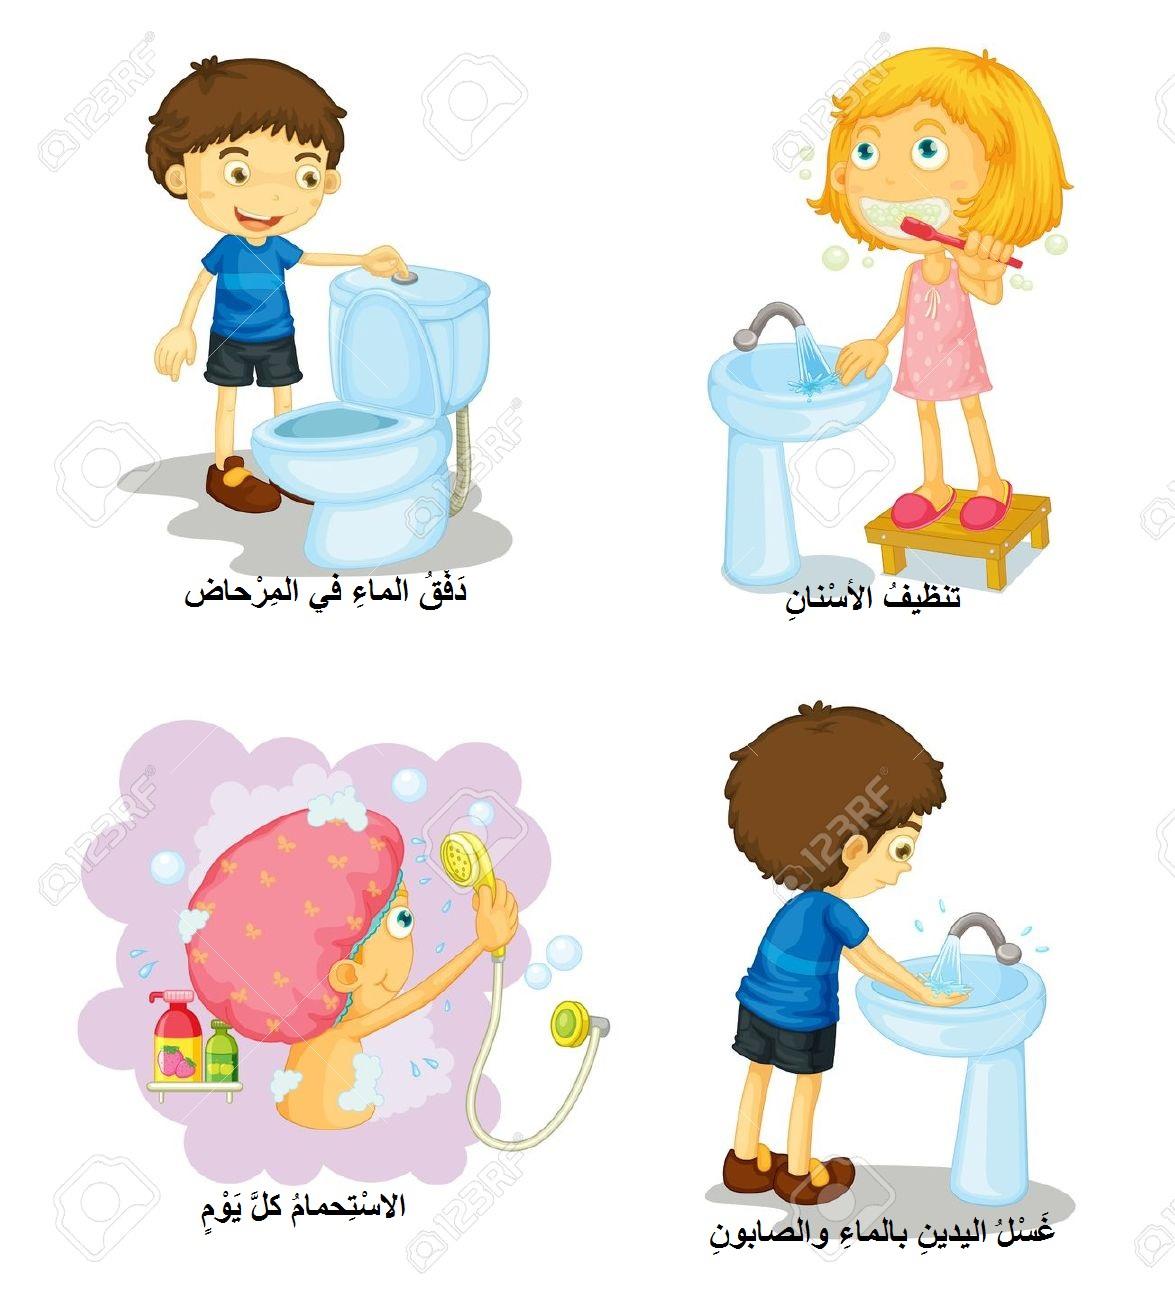 عبارات عن النظافة الشخصية اقوال عن فائده النظافه الشخصية احضان الحب